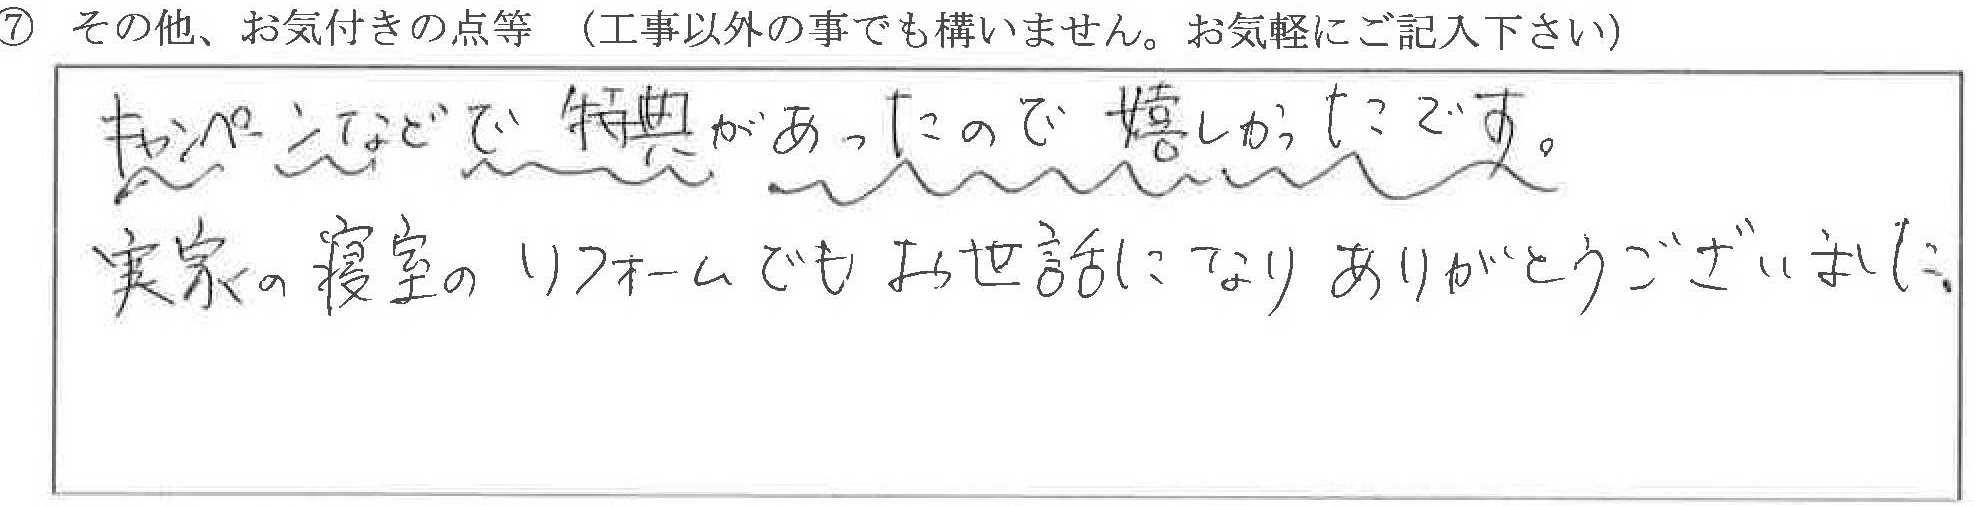 石川県かほく市K様に頂いたキッチン部品についてのご不満な点があれば、お聞かせ下さい。というご質問について「キッチン部品販売【お喜びの声】」というお声についての画像